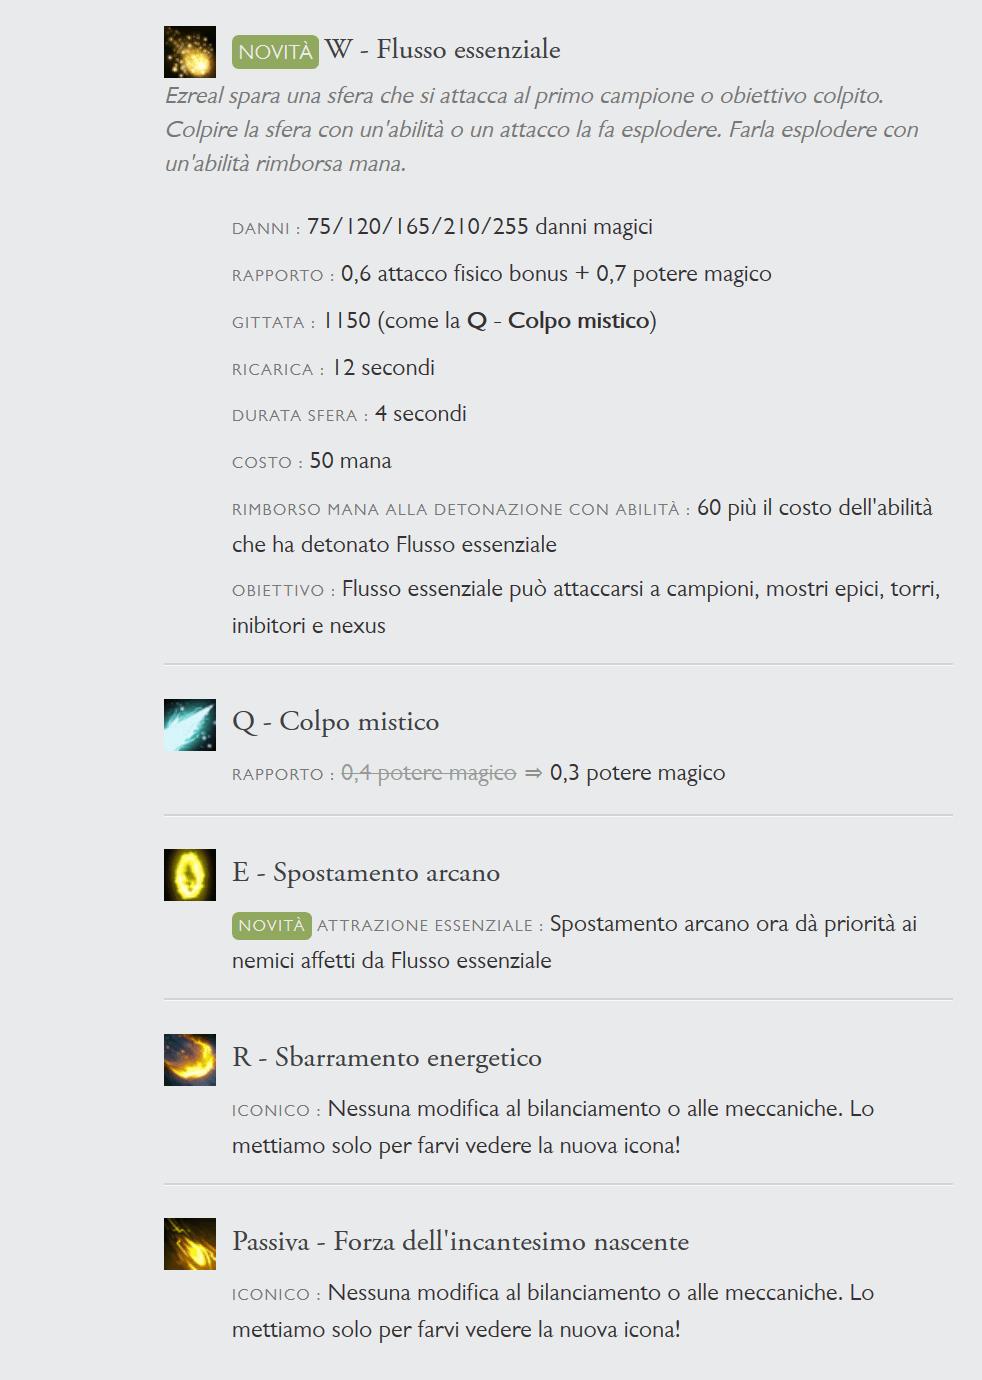 League of Legends: l'update di Ezreal è disponibile nella patch 8.20